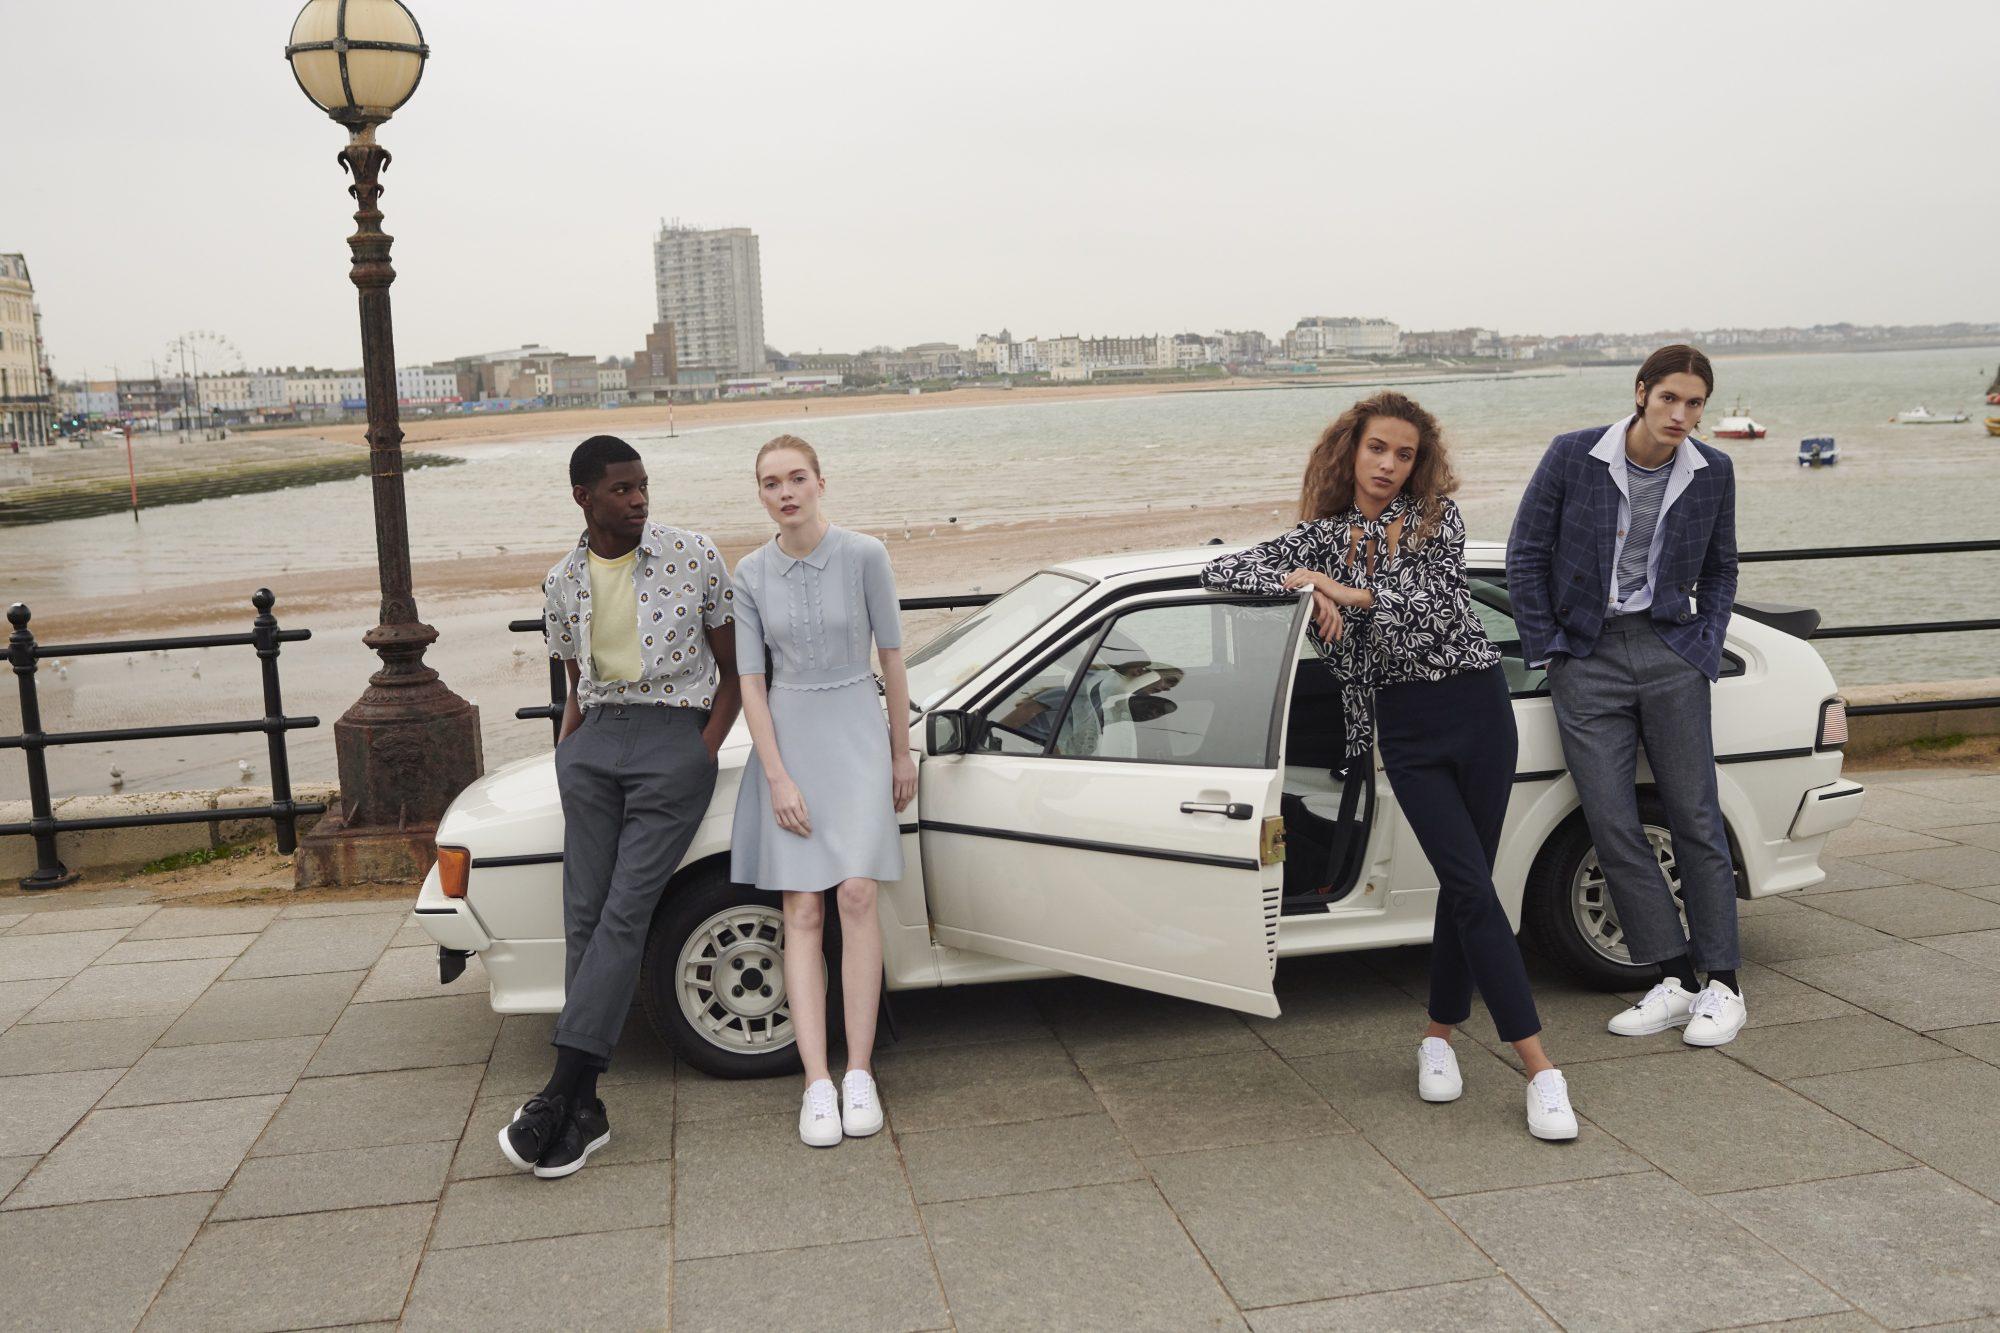 Αυτά τα ανοιξιάτικα κομμάτια θα ανεβάσουν τις εμφανίσεις σου σε άλλο επίπεδο Για την σεζόν Άνοιξη/Καλοκαίρι 2021, η Ted Baker παρουσιάζει τη συλλογή «No Place Like Home», η οποία είναι αφιερωμένη στη Βρετανική κουλτούρα του brand.